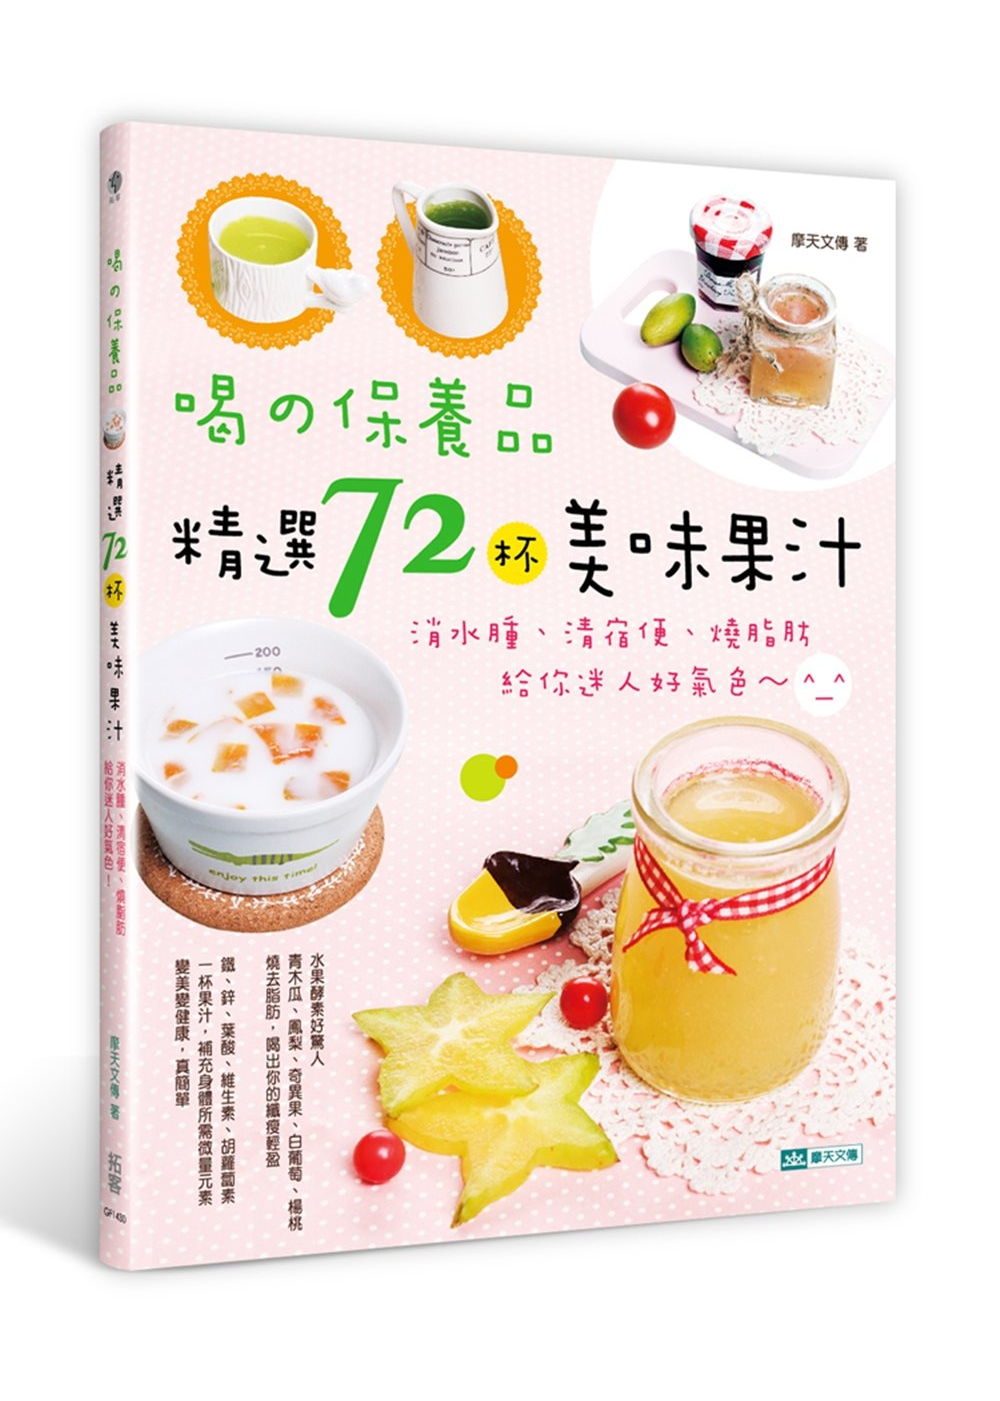 喝的保養品,精選72杯美味果汁:消水腫、清宿便、燒脂肪,給你迷人好氣色